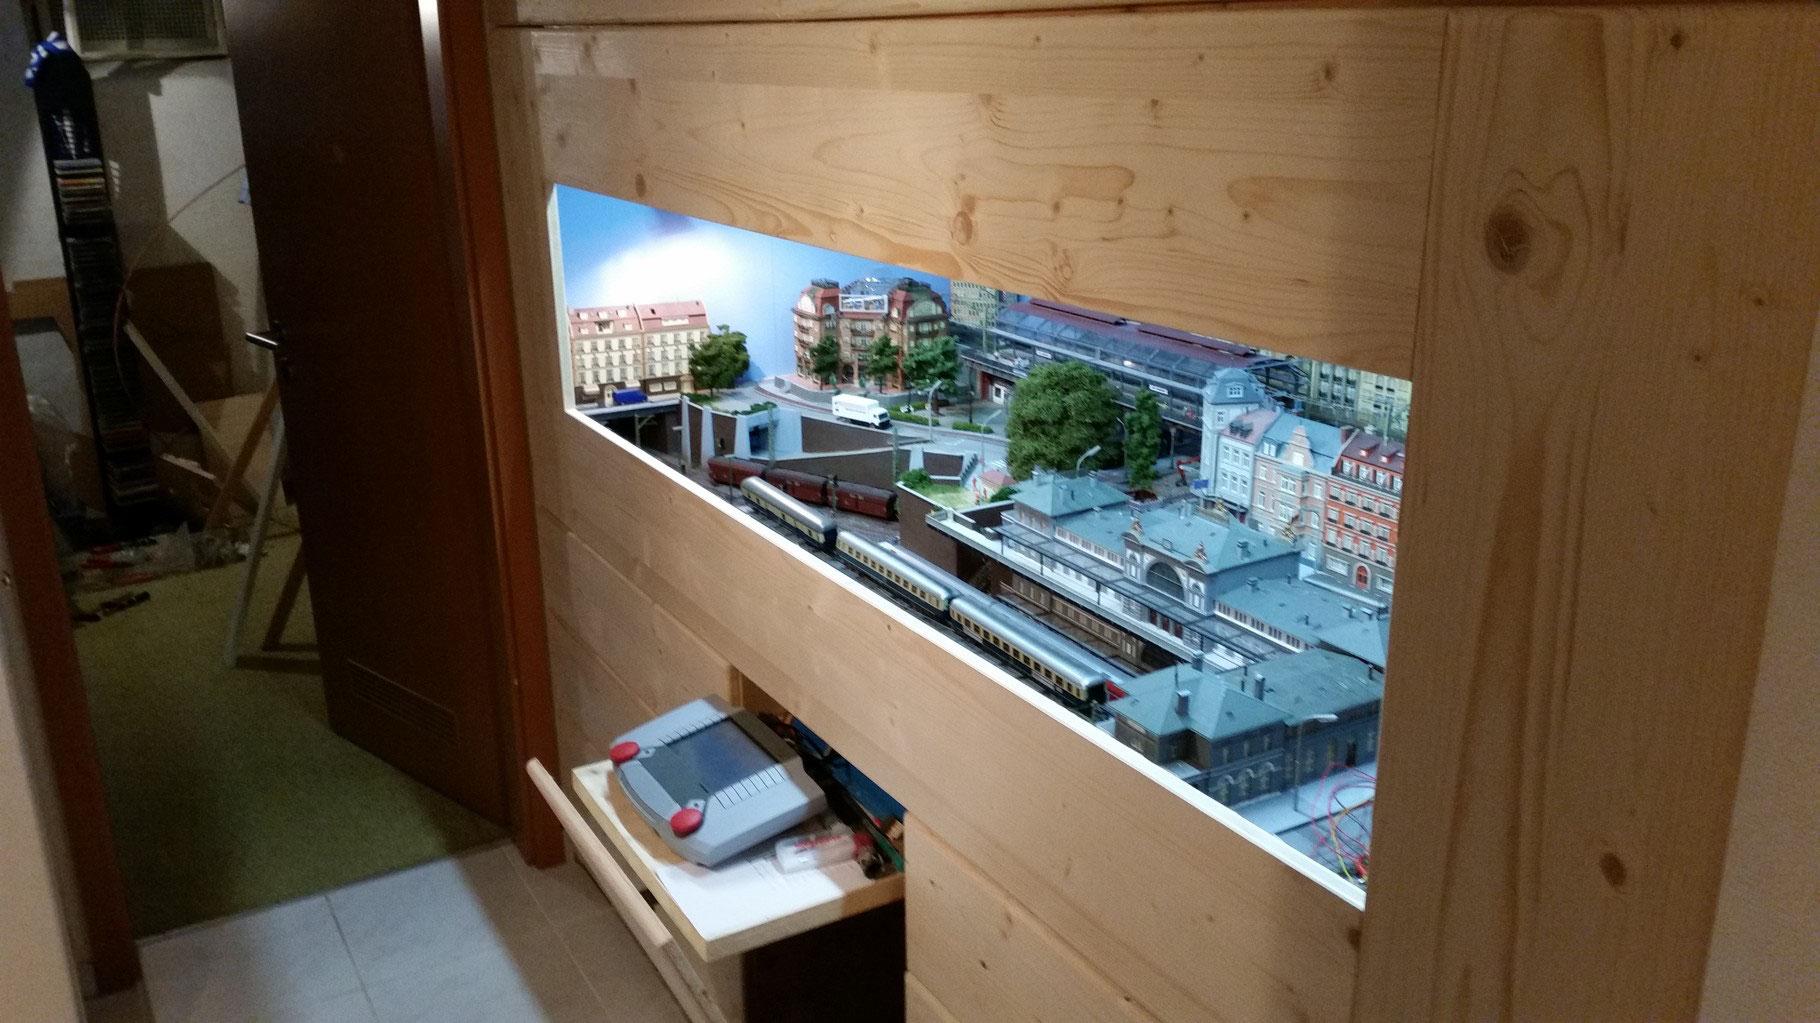 der schrank f r die schrankbahn m rklin h0 schrankbahn. Black Bedroom Furniture Sets. Home Design Ideas